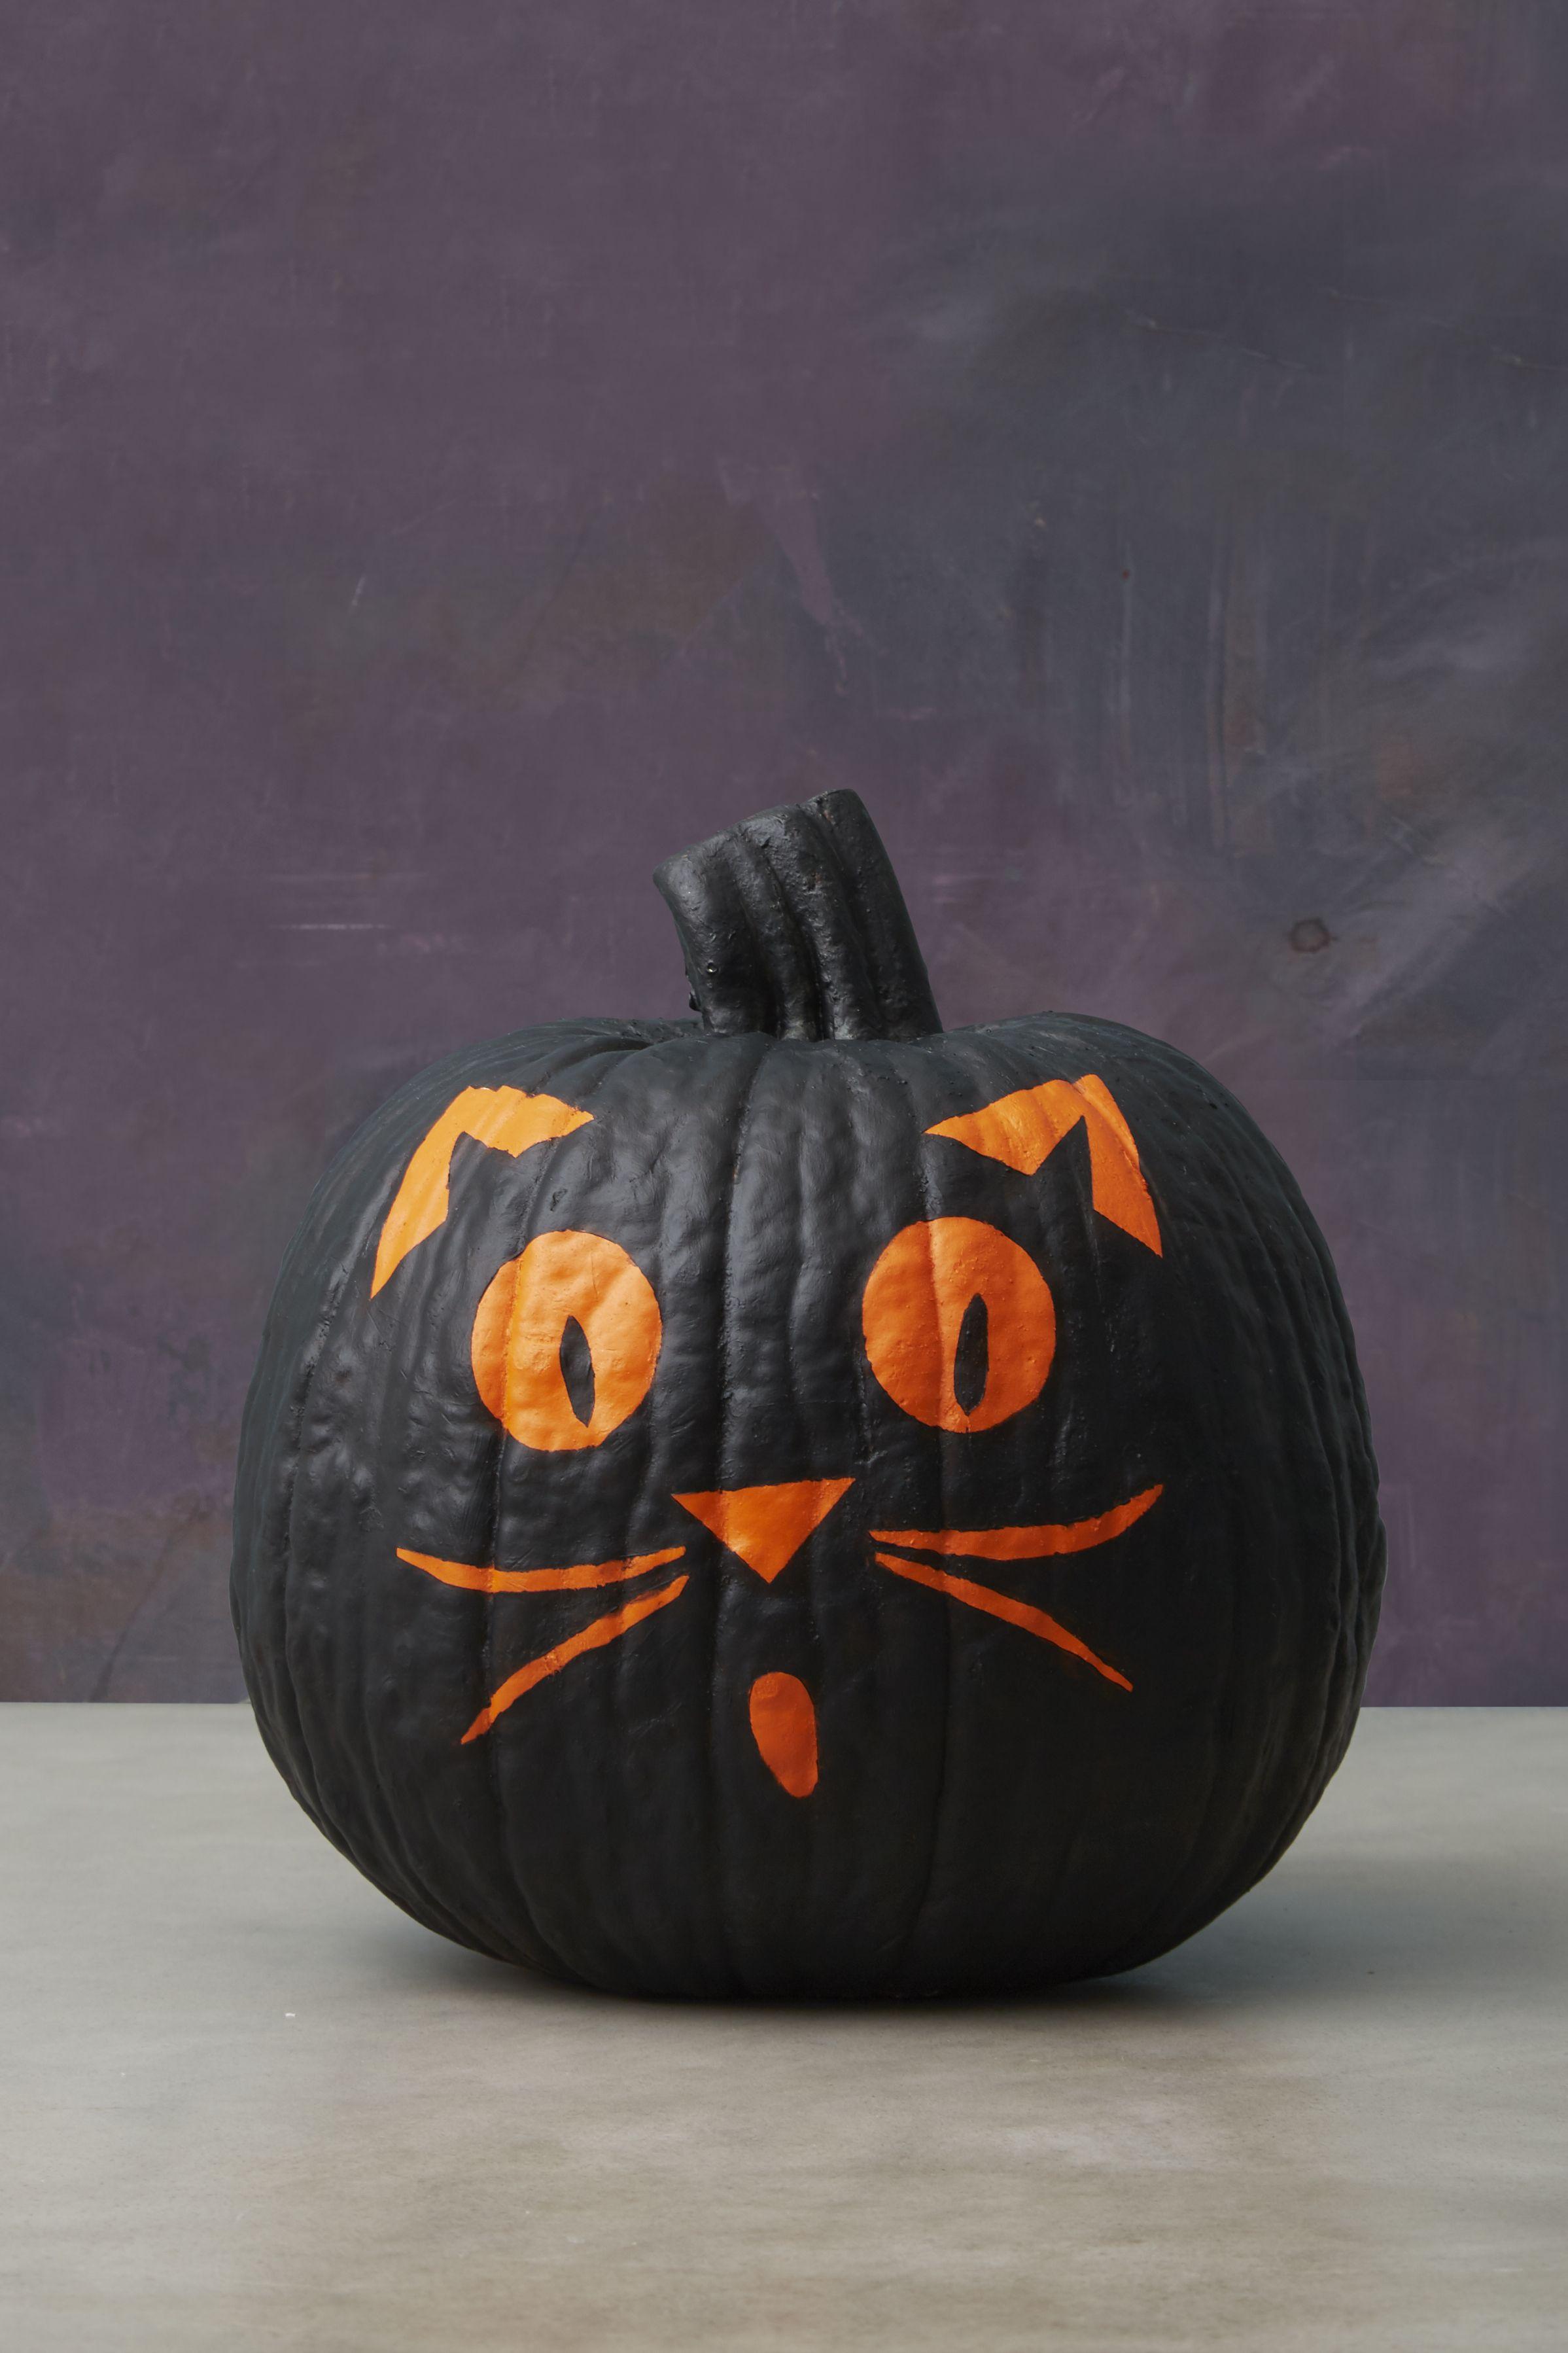 30+ Pumpkin Painting Ideas , Painted Pumpkins for Halloween 2019